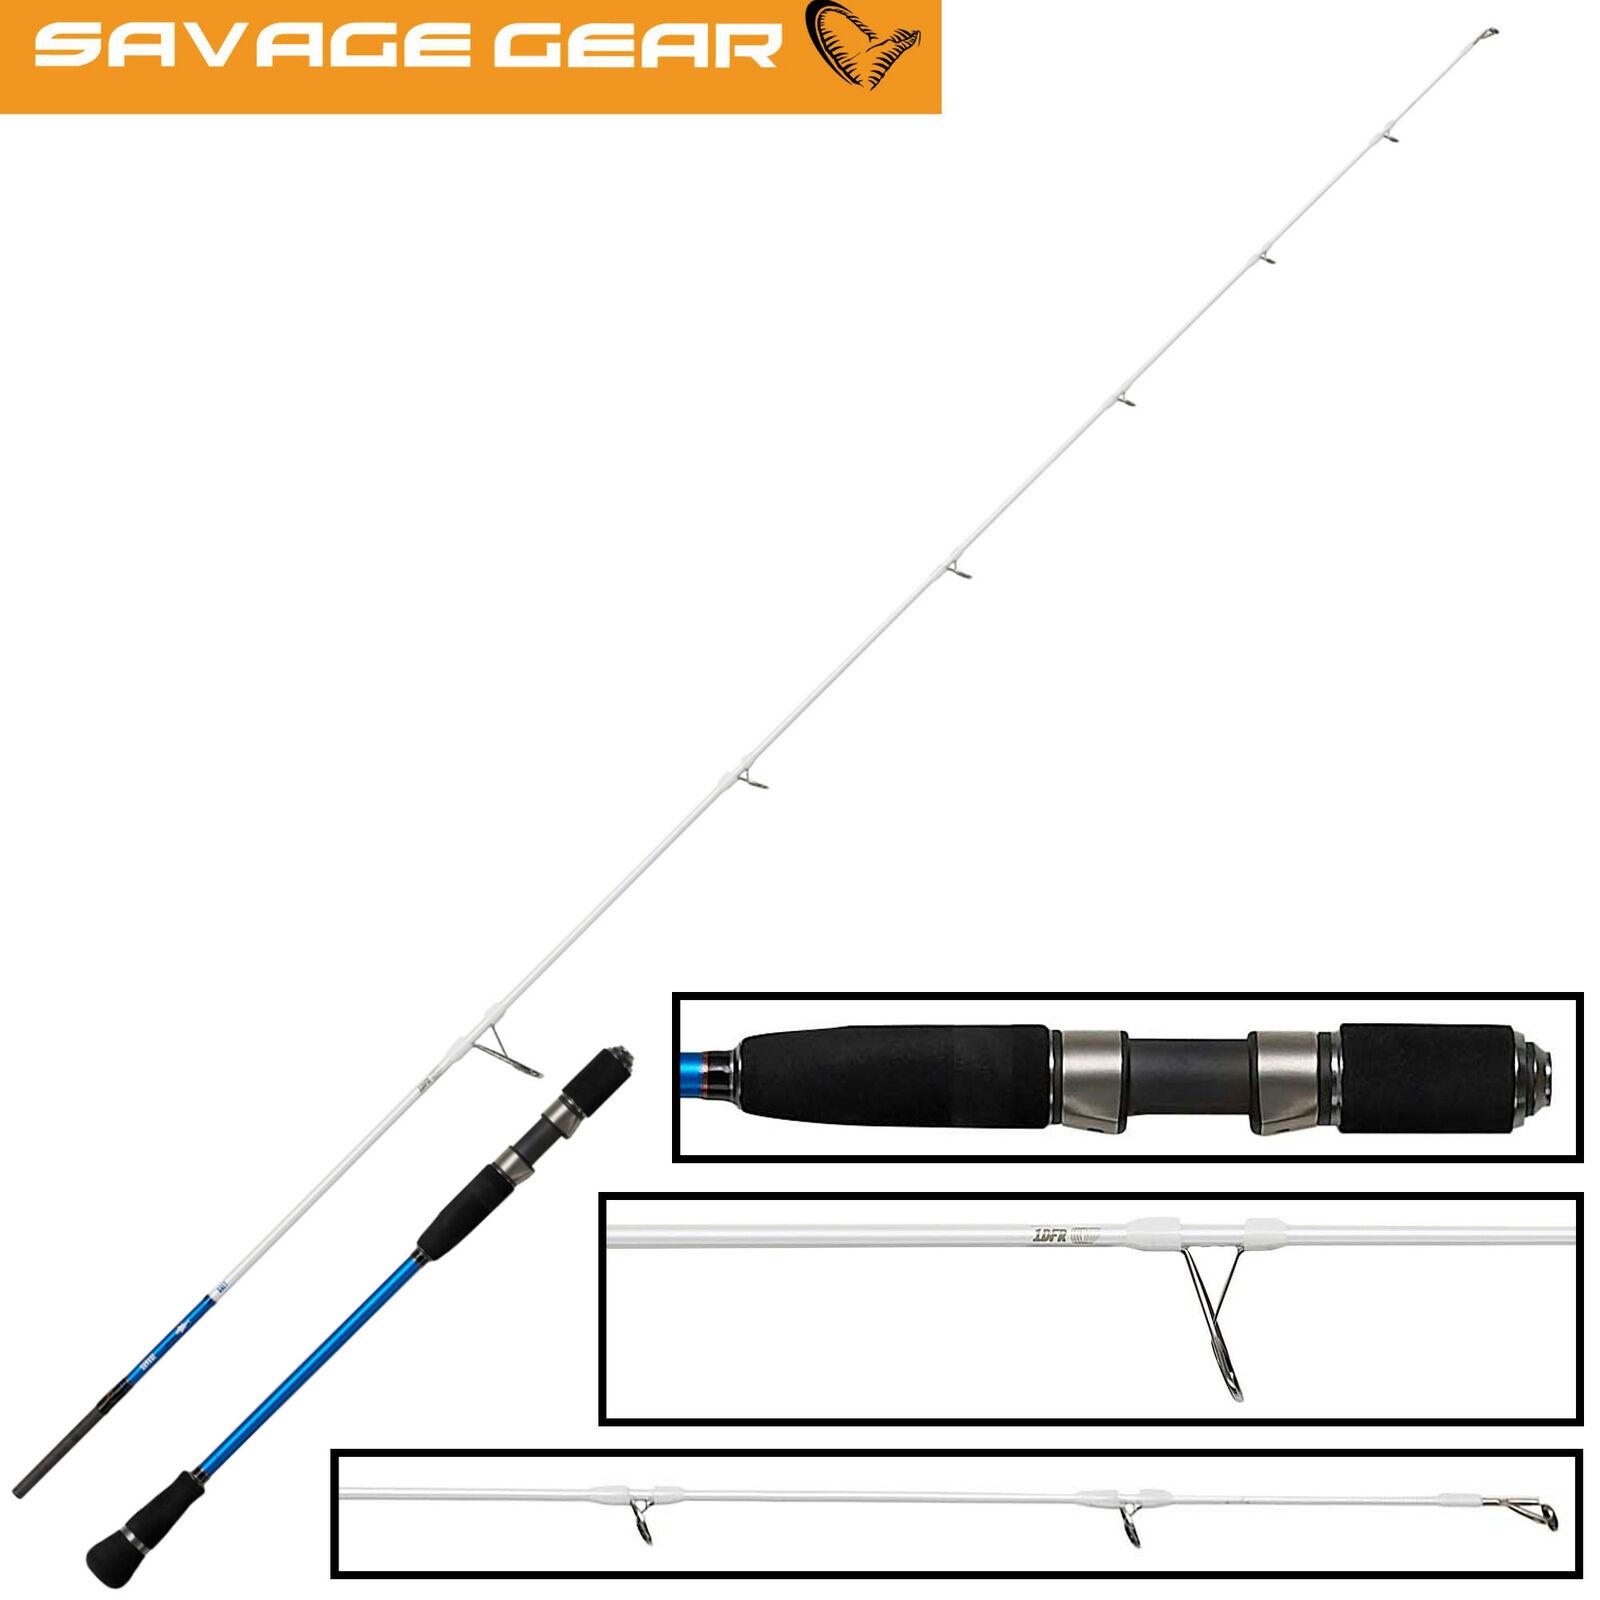 Savage Gear 1DFR Salt Slow Jigging 2,03m 60-140g - Spinnrute, Angelrute, Jigrute